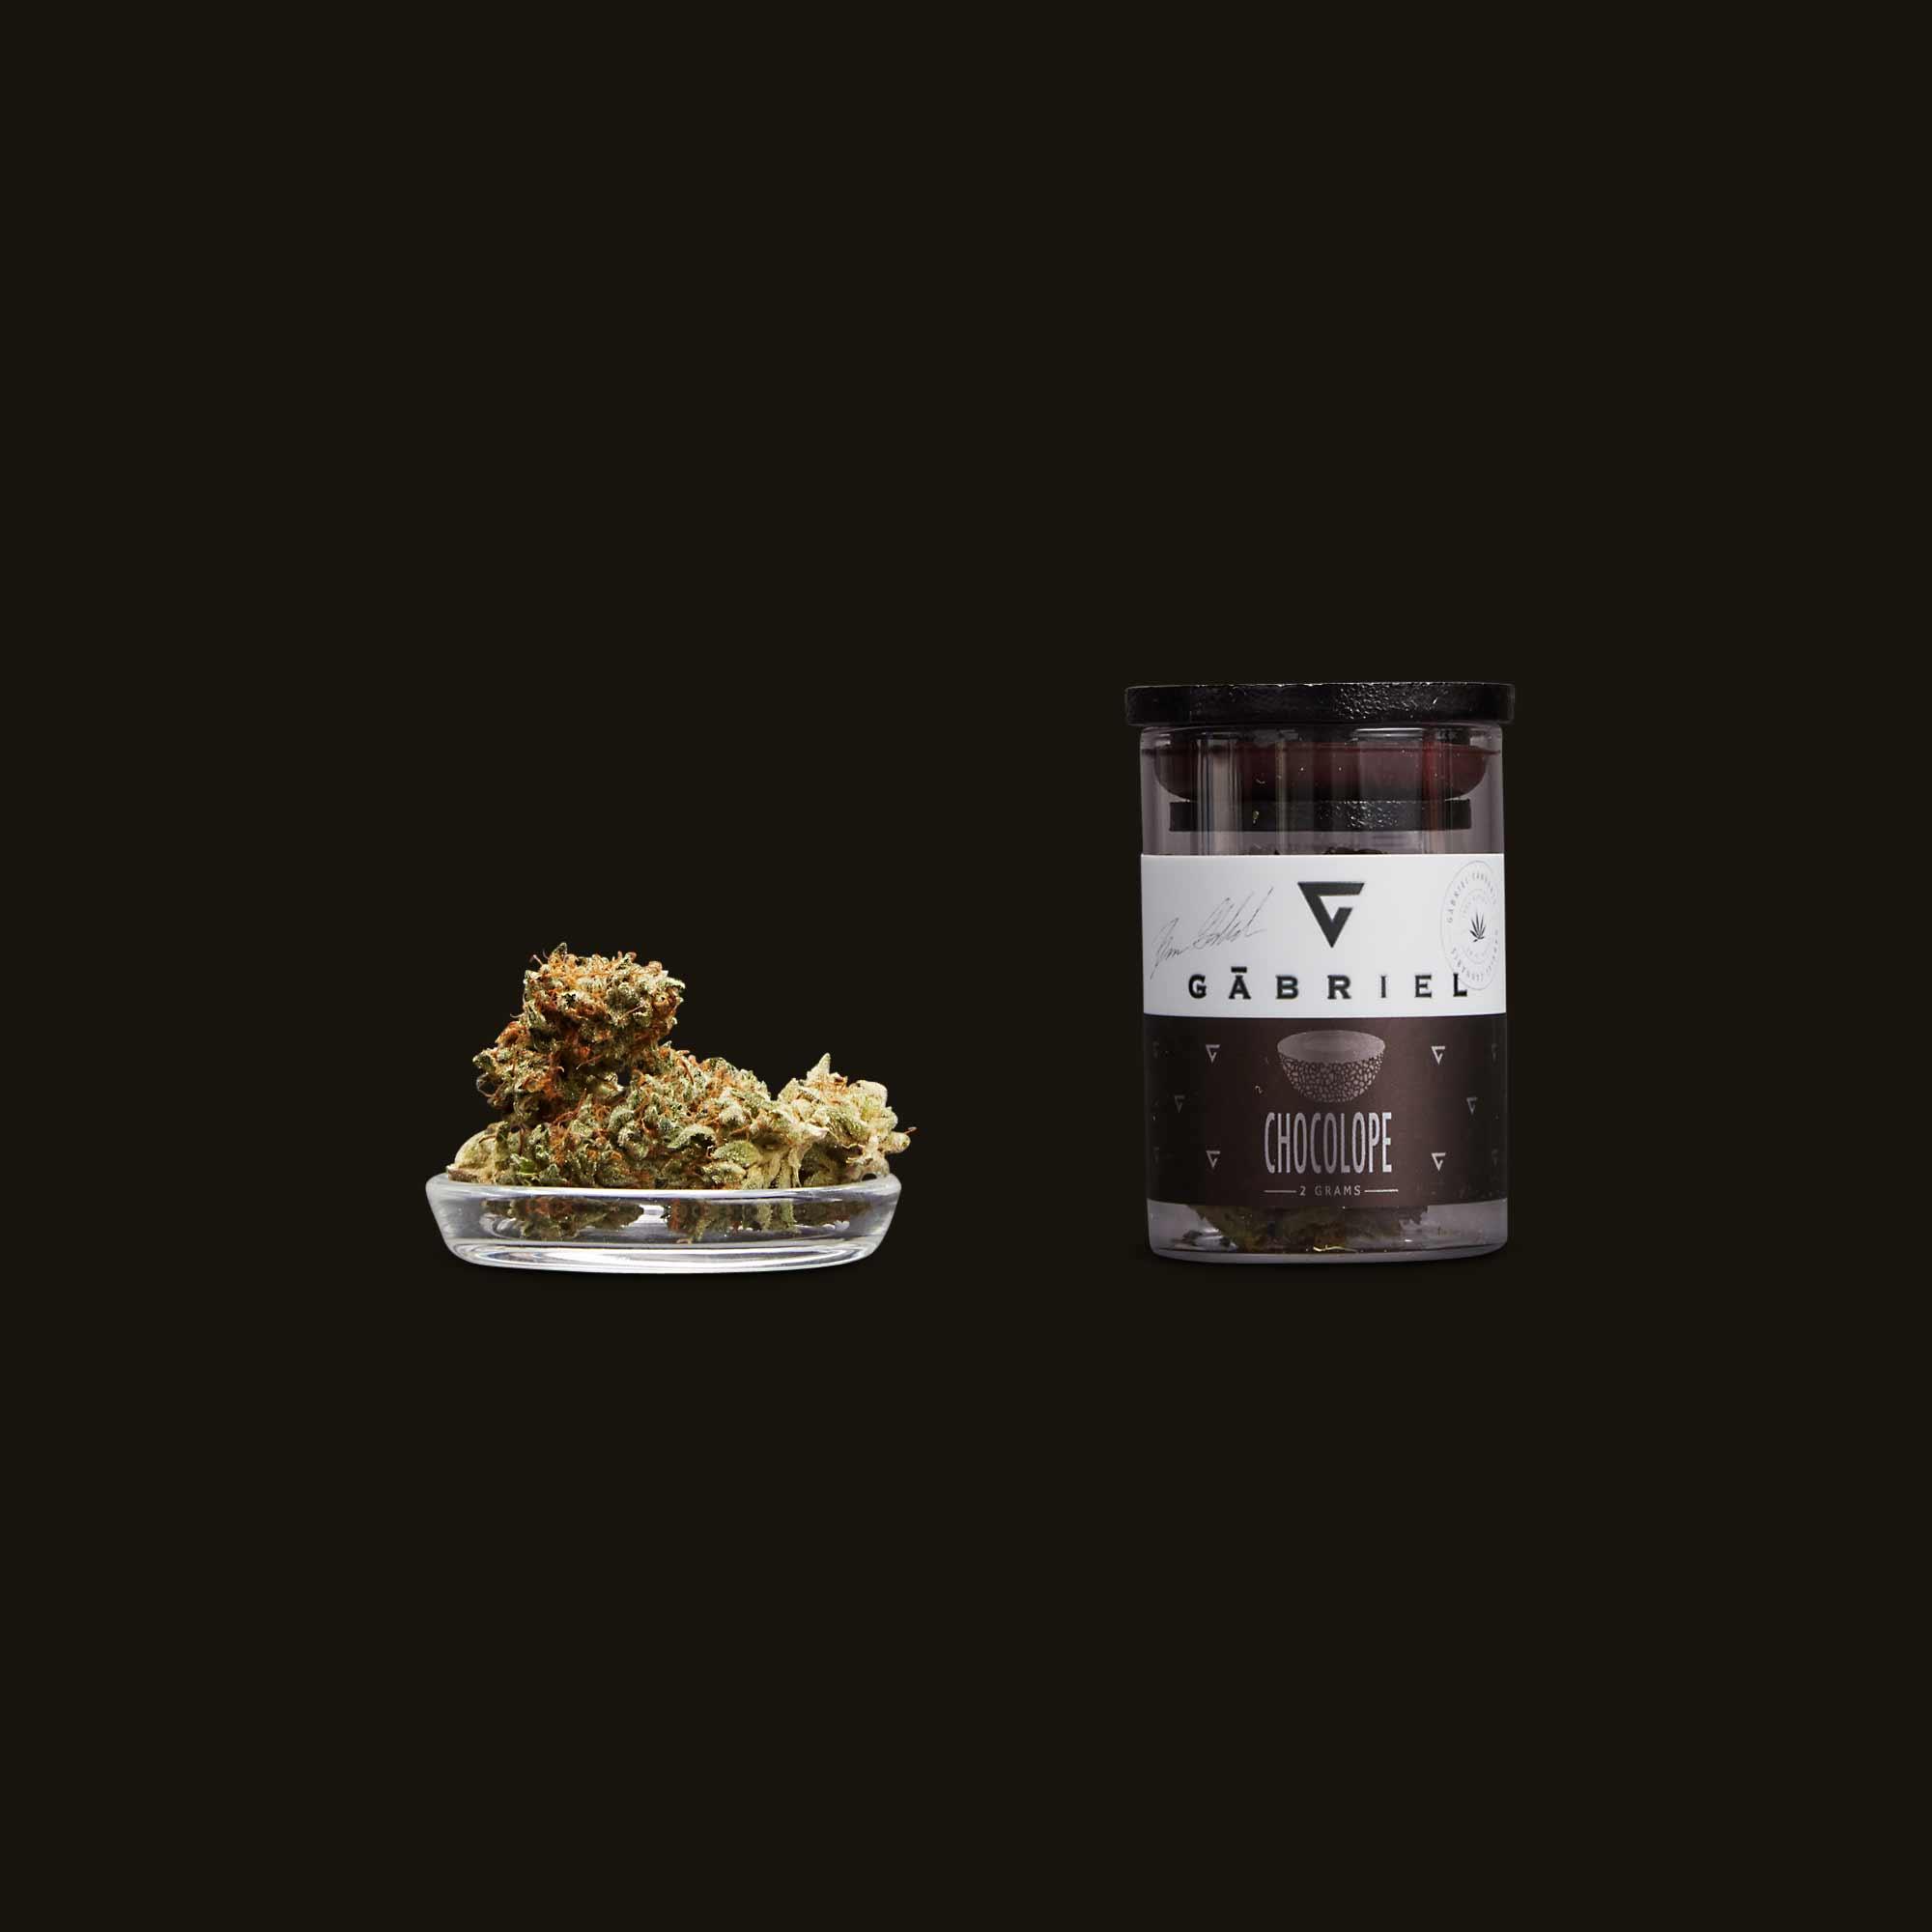 Gabriel Cannabis Chocolope